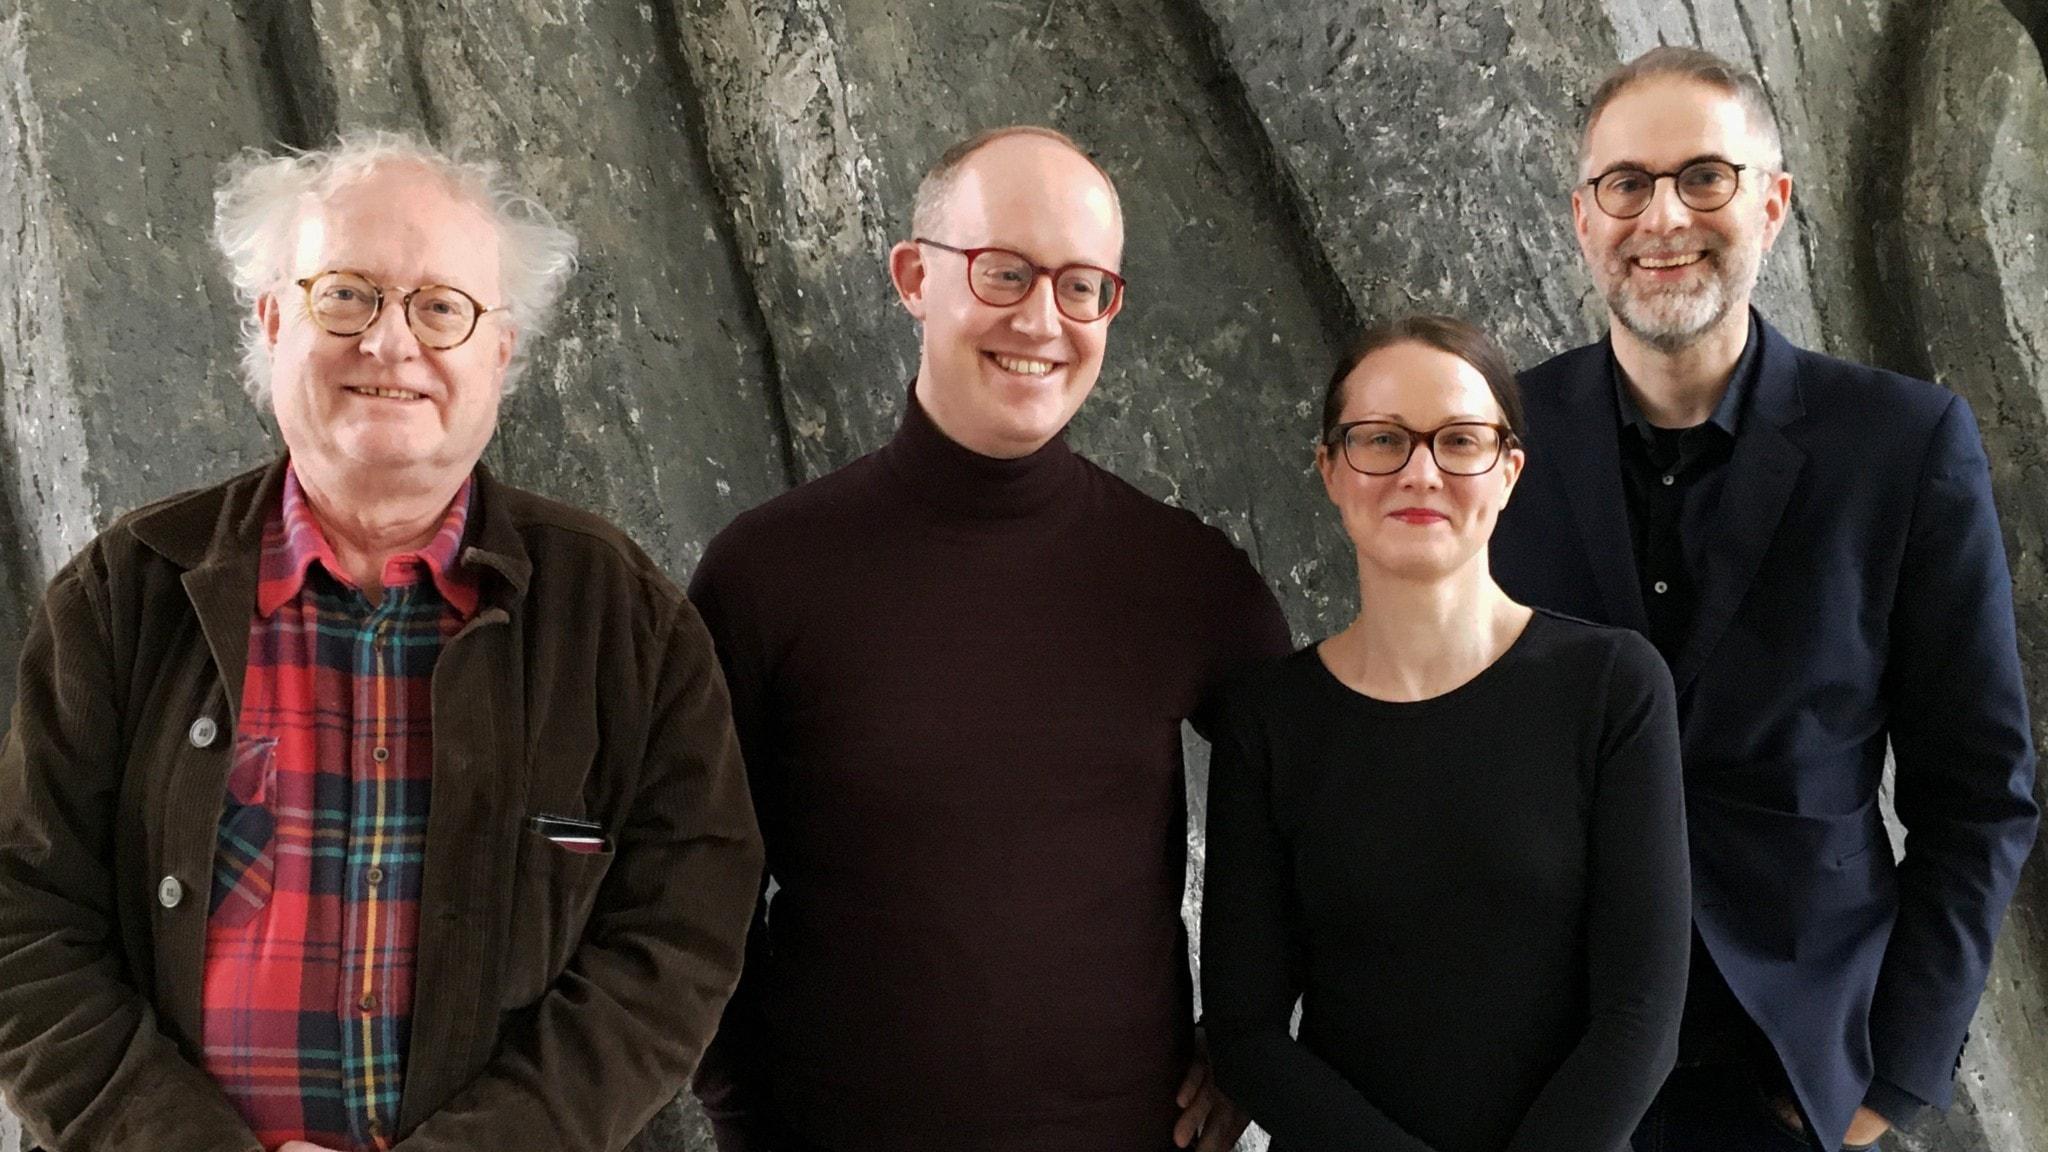 Panelen denna vecka består av pianisten Bengt Forsberg, Klassisk förmiddag-programledaren och digitala redaktören Jonas Lundblad och musikrecensenten Johanna Paulsson. Programledare är såklart Johan Korssell.